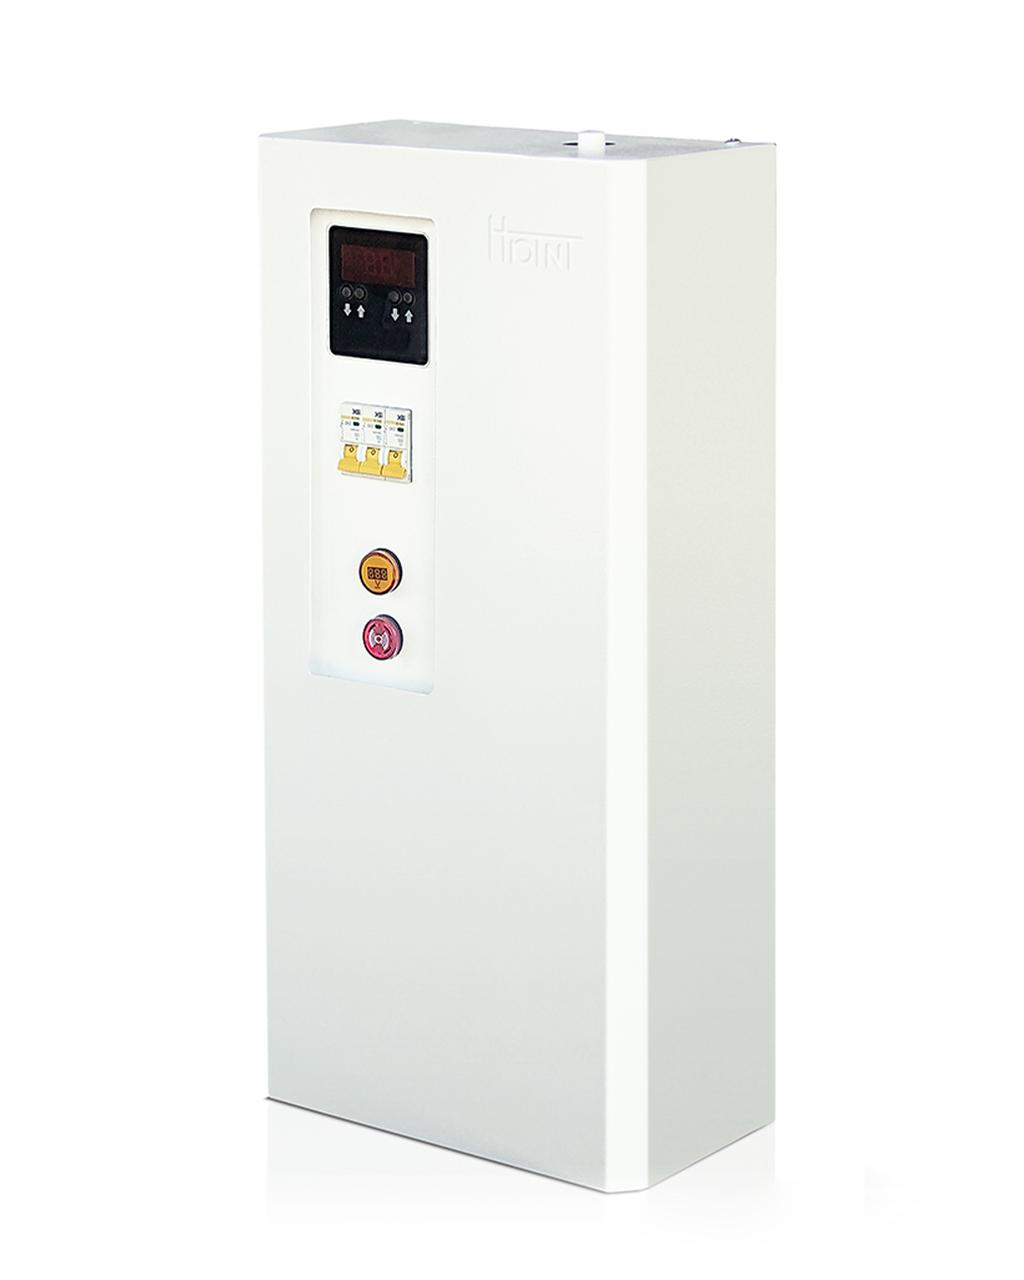 Електричний котел Титан Міні Преміум, 6 кВт 380 В